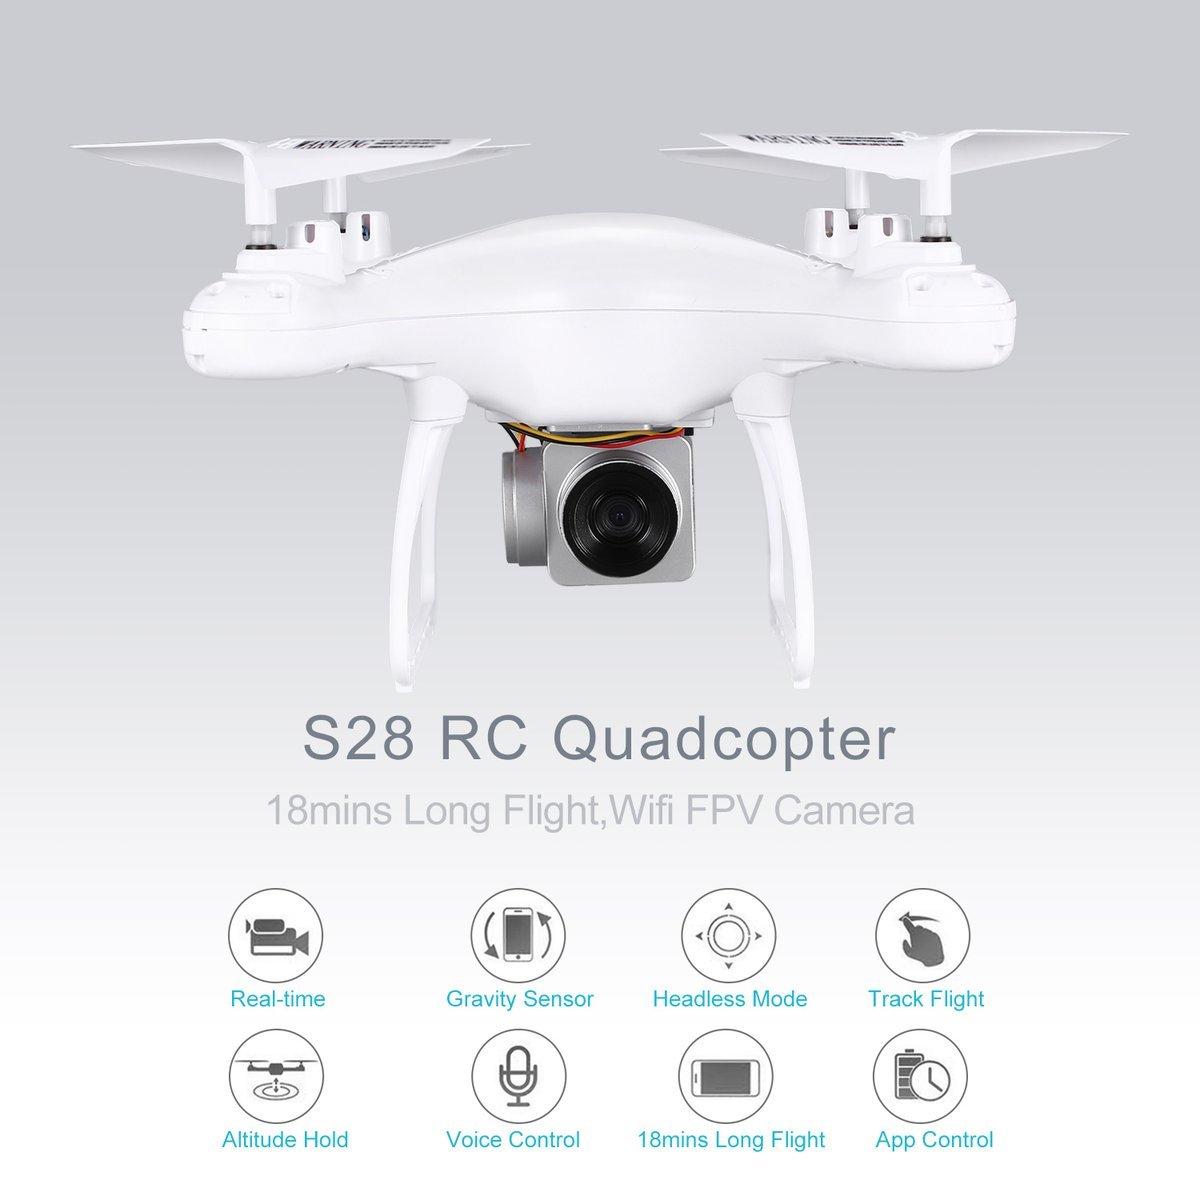 Gugutogo S28 RC Drone 2,4G Selfie Quadcopter Flugzeuge mit Wifi FPV Kamera Höhe Halten Auto Return Headless 3D Flip 18min Langen Flug (Farbe: Weiß)